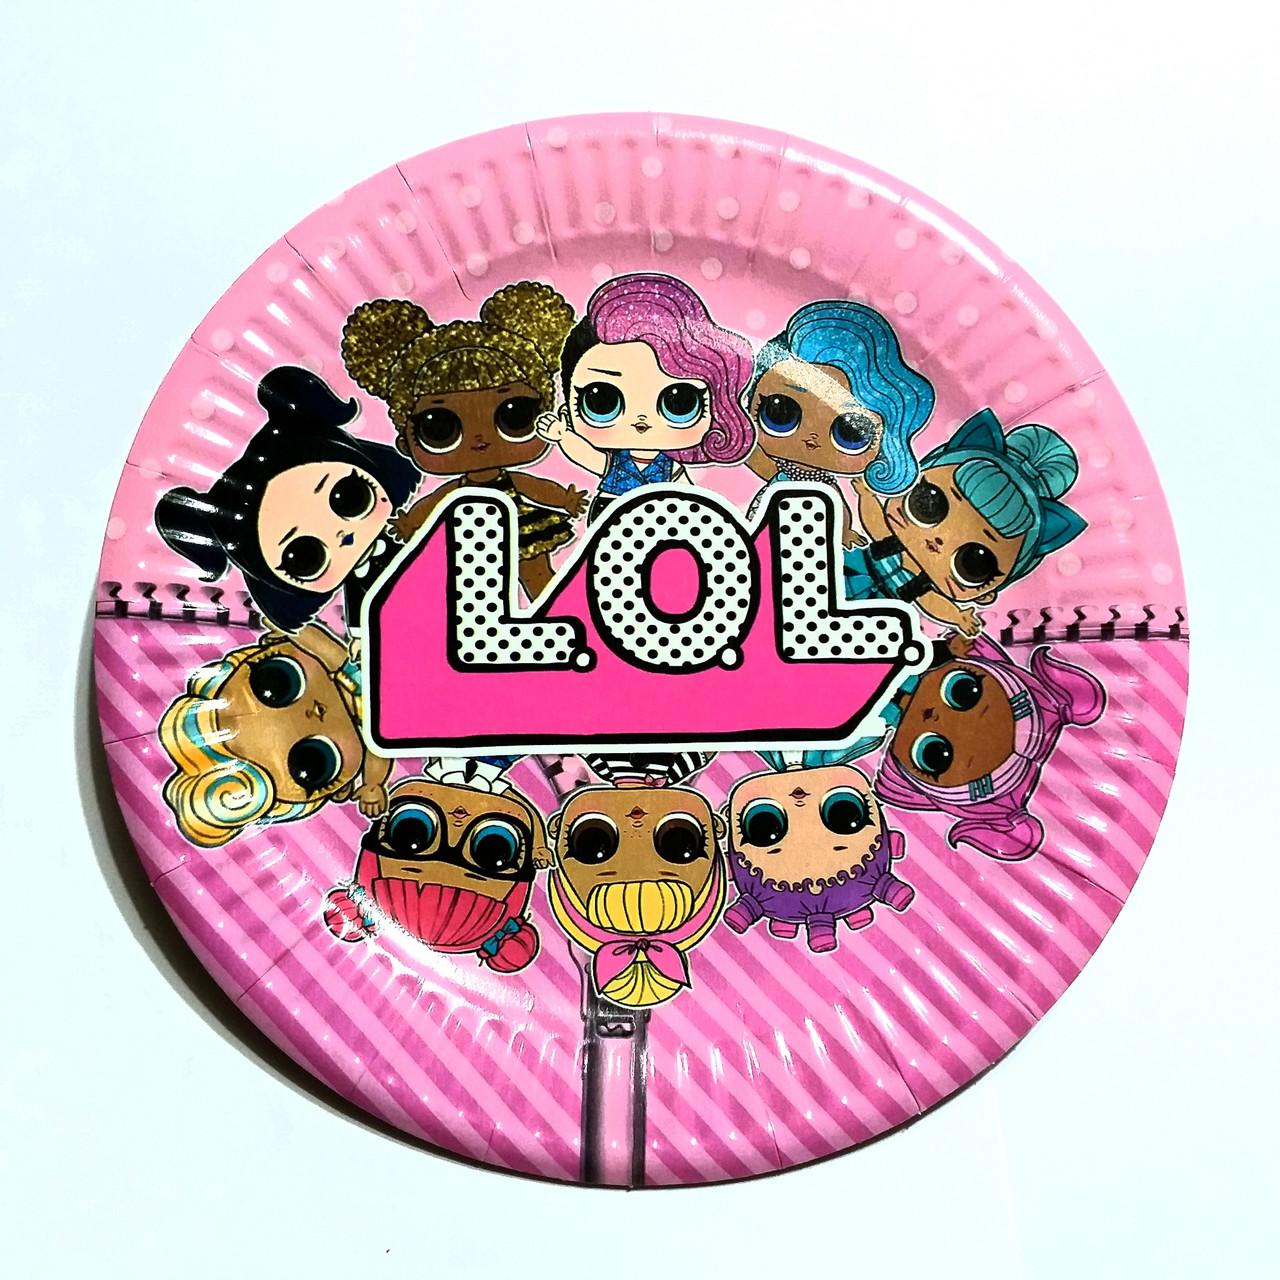 Тарелки бумажные куклы лол розовые 10 шт